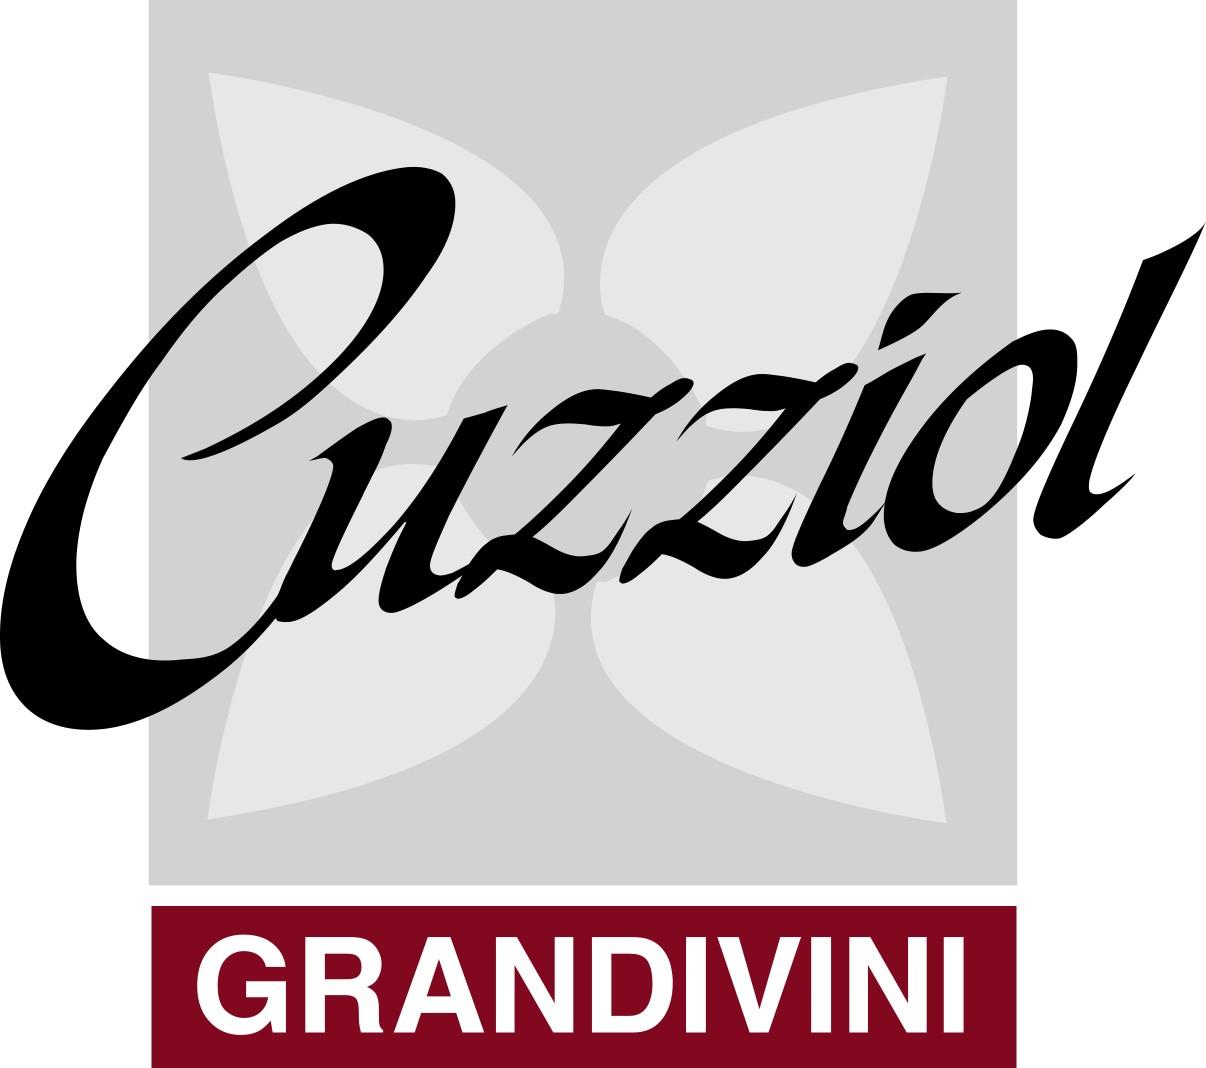 logo CUZZIOL GRANDIVINI S.r.l.